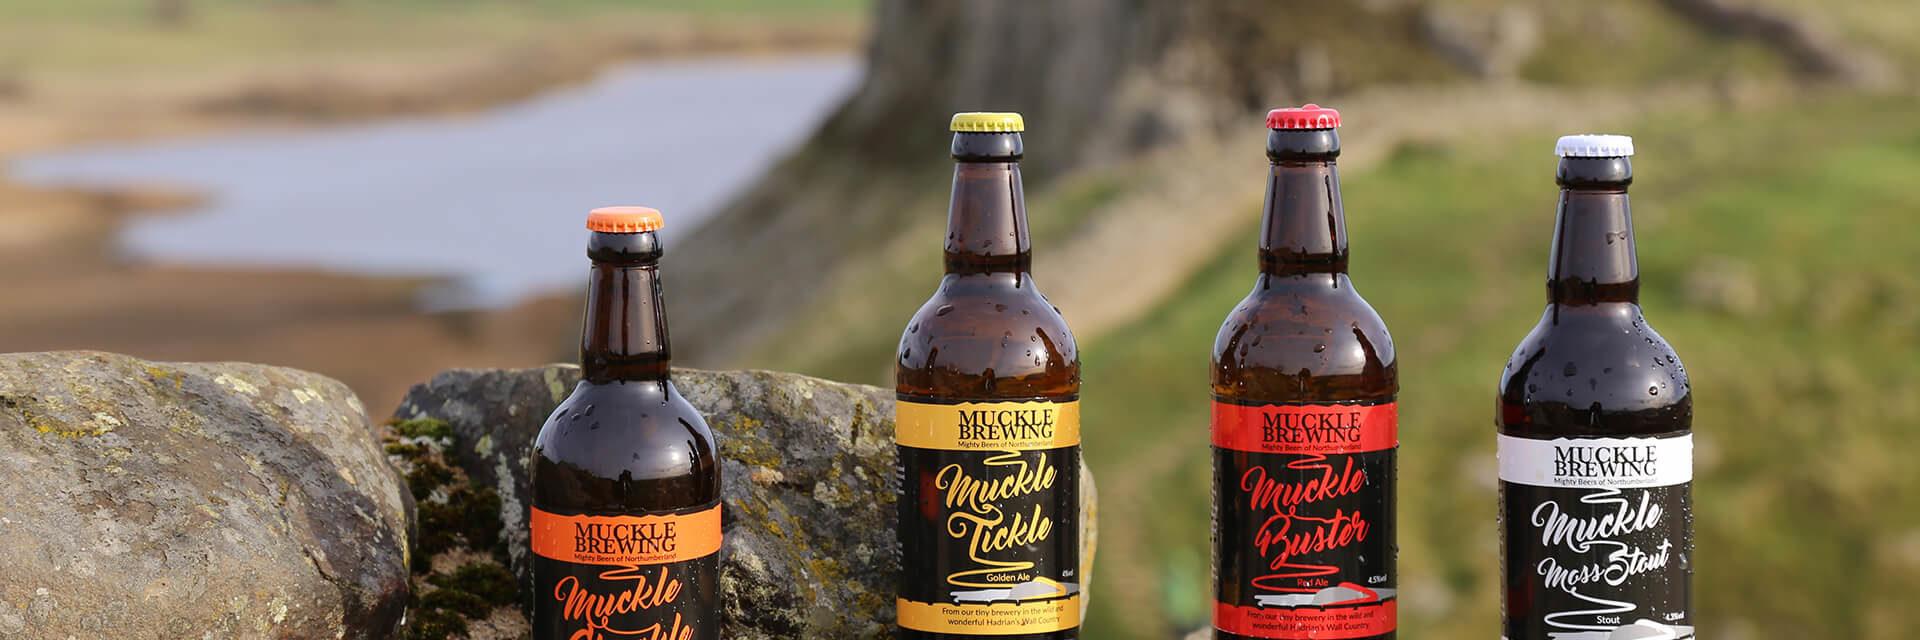 Muckle Brewing ales